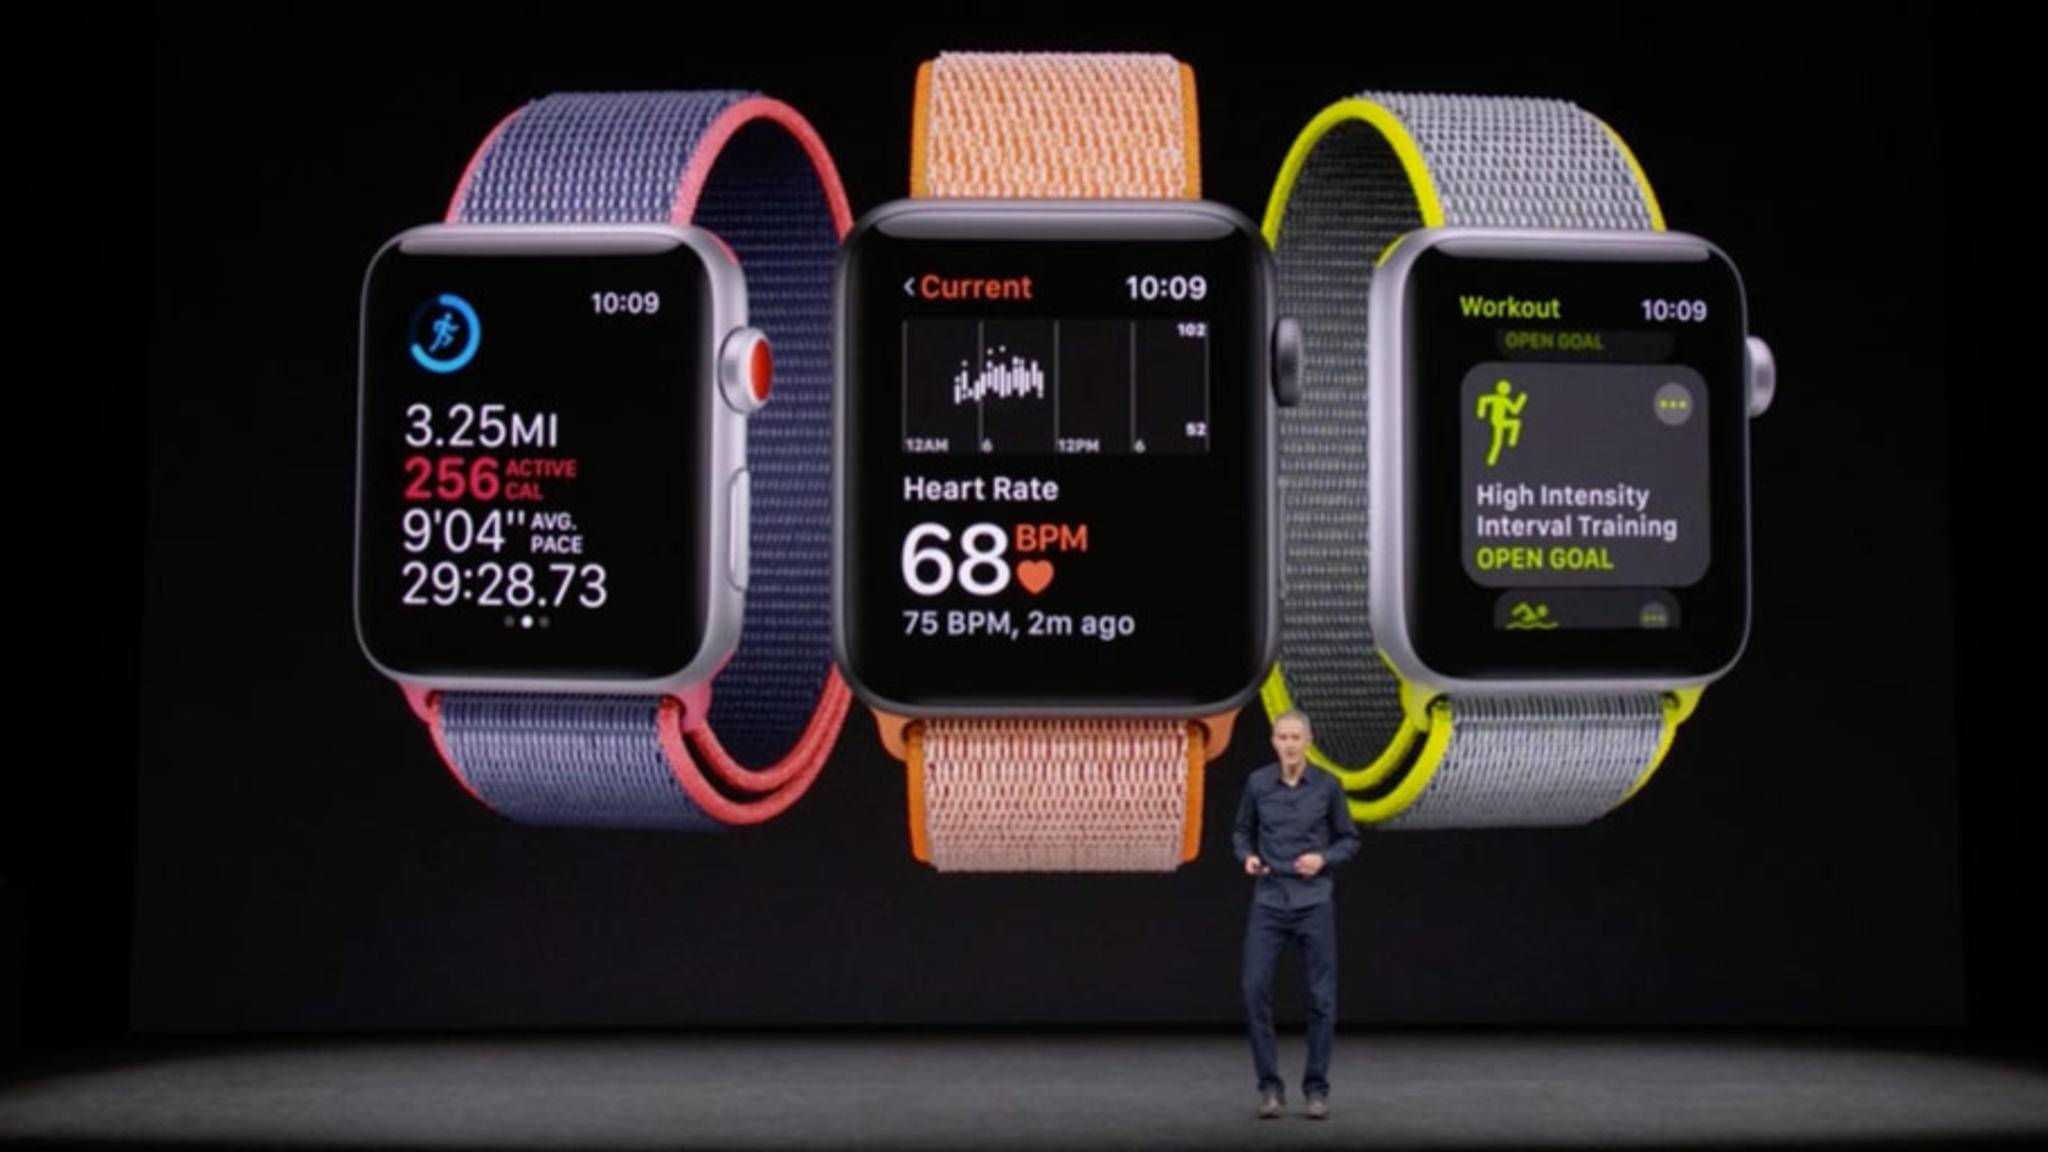 Optisch unterscheidet sich die Apple Watch 3 so gut wie nicht vom Vorgängermodell, glänzt aber mit einigen neuen (Fitness-) Funktionen.